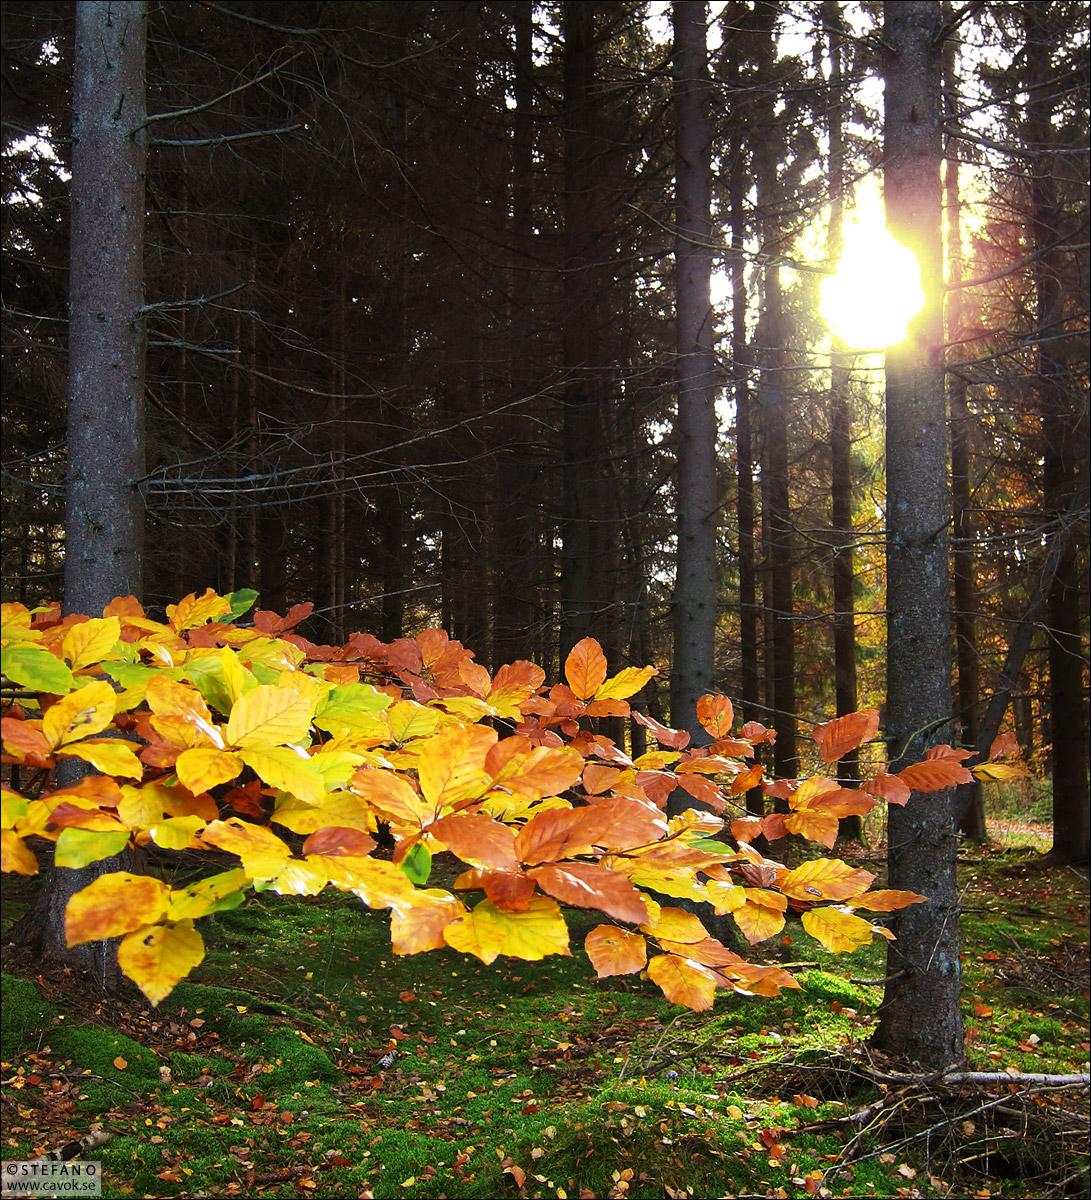 Mellan löv och gran - Skåne.